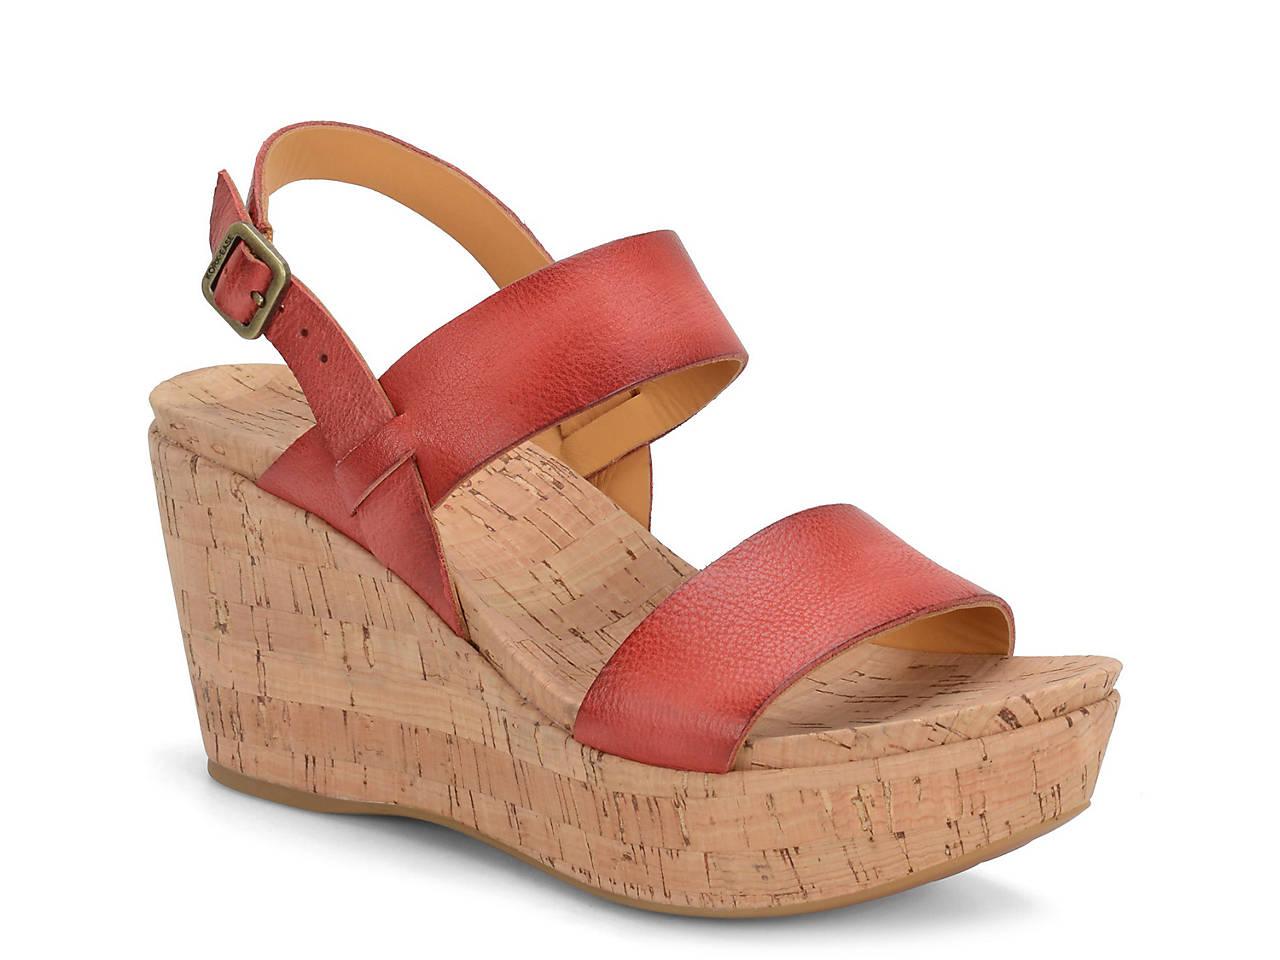 Austin Wedge Sandals uhDe2nWS